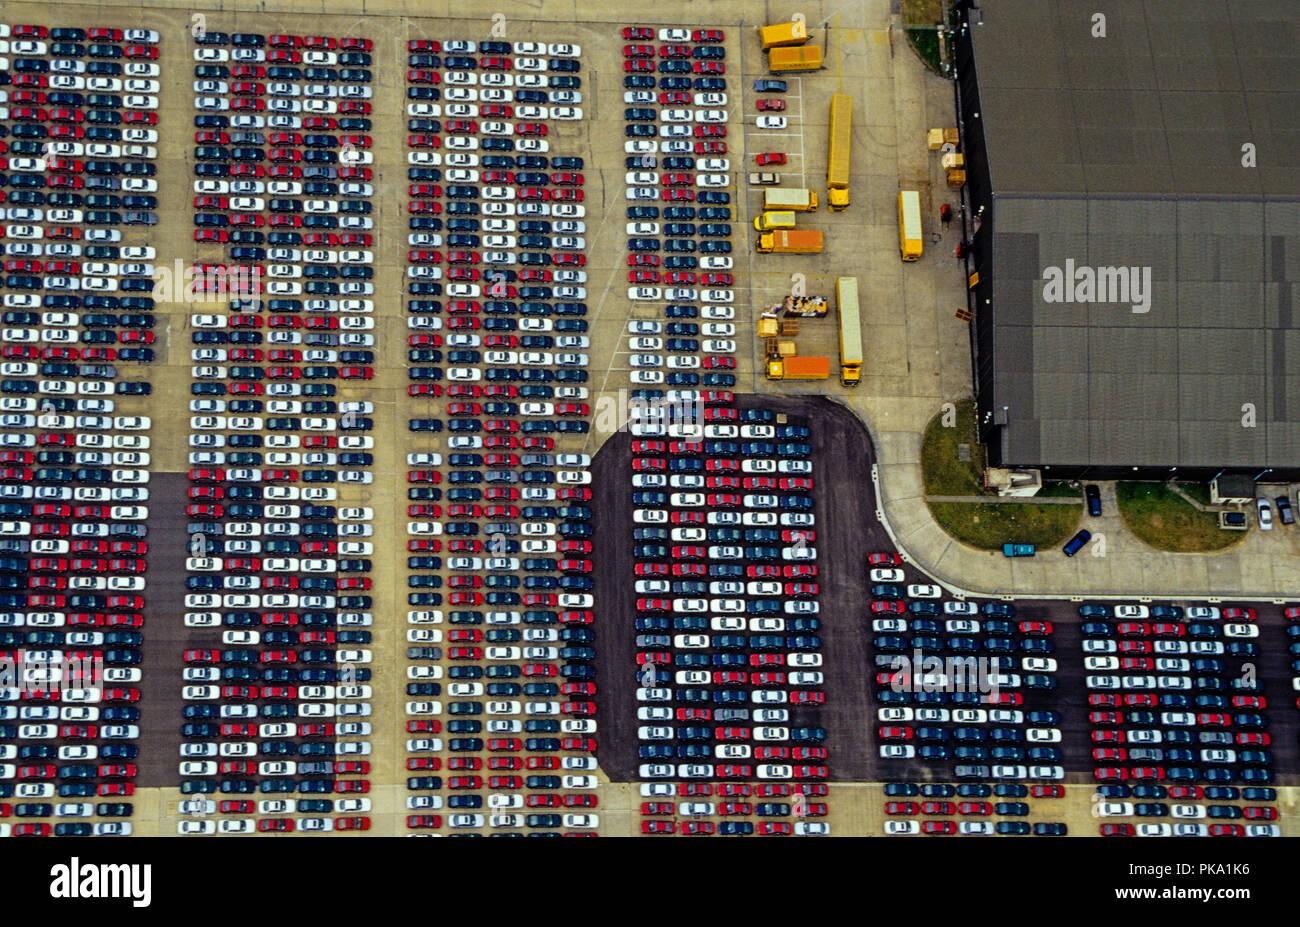 Vista aerea, Auto Storage, Nuovo Greenham Park, Greenham Common, Newbury, Berkshire, Inghilterra, Regno Unito, GB. Immagini Stock